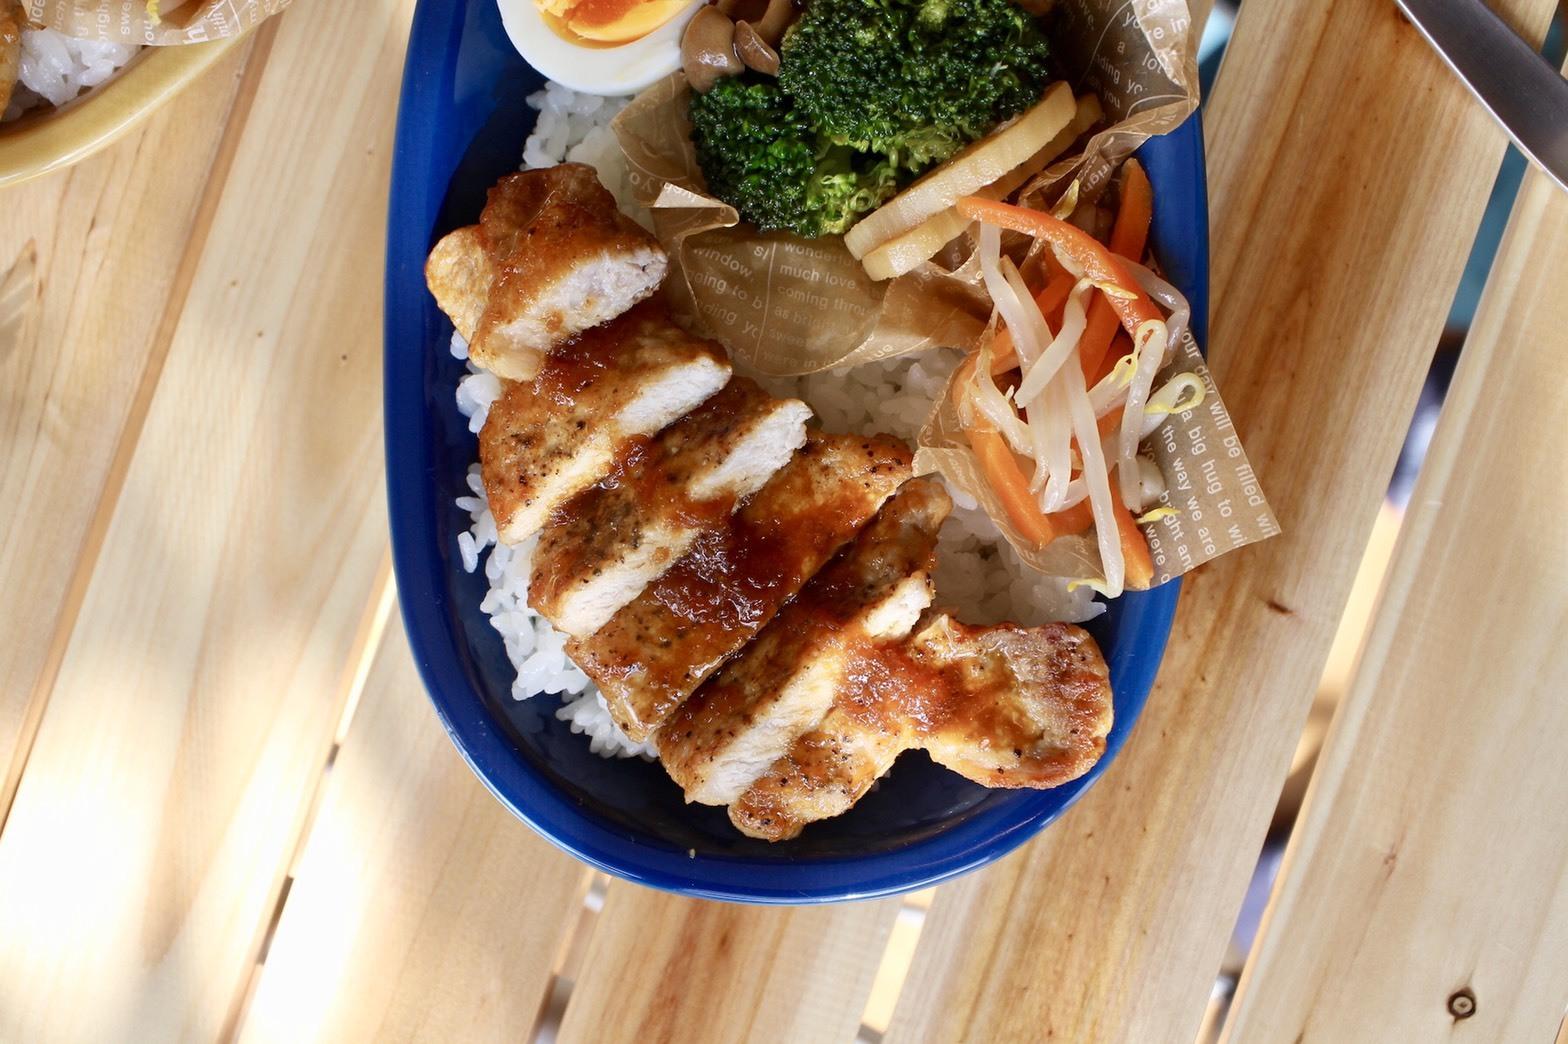 豚ロース肉の味噌 玉ねぎダレ丼弁当_f0220354_17453359.jpeg